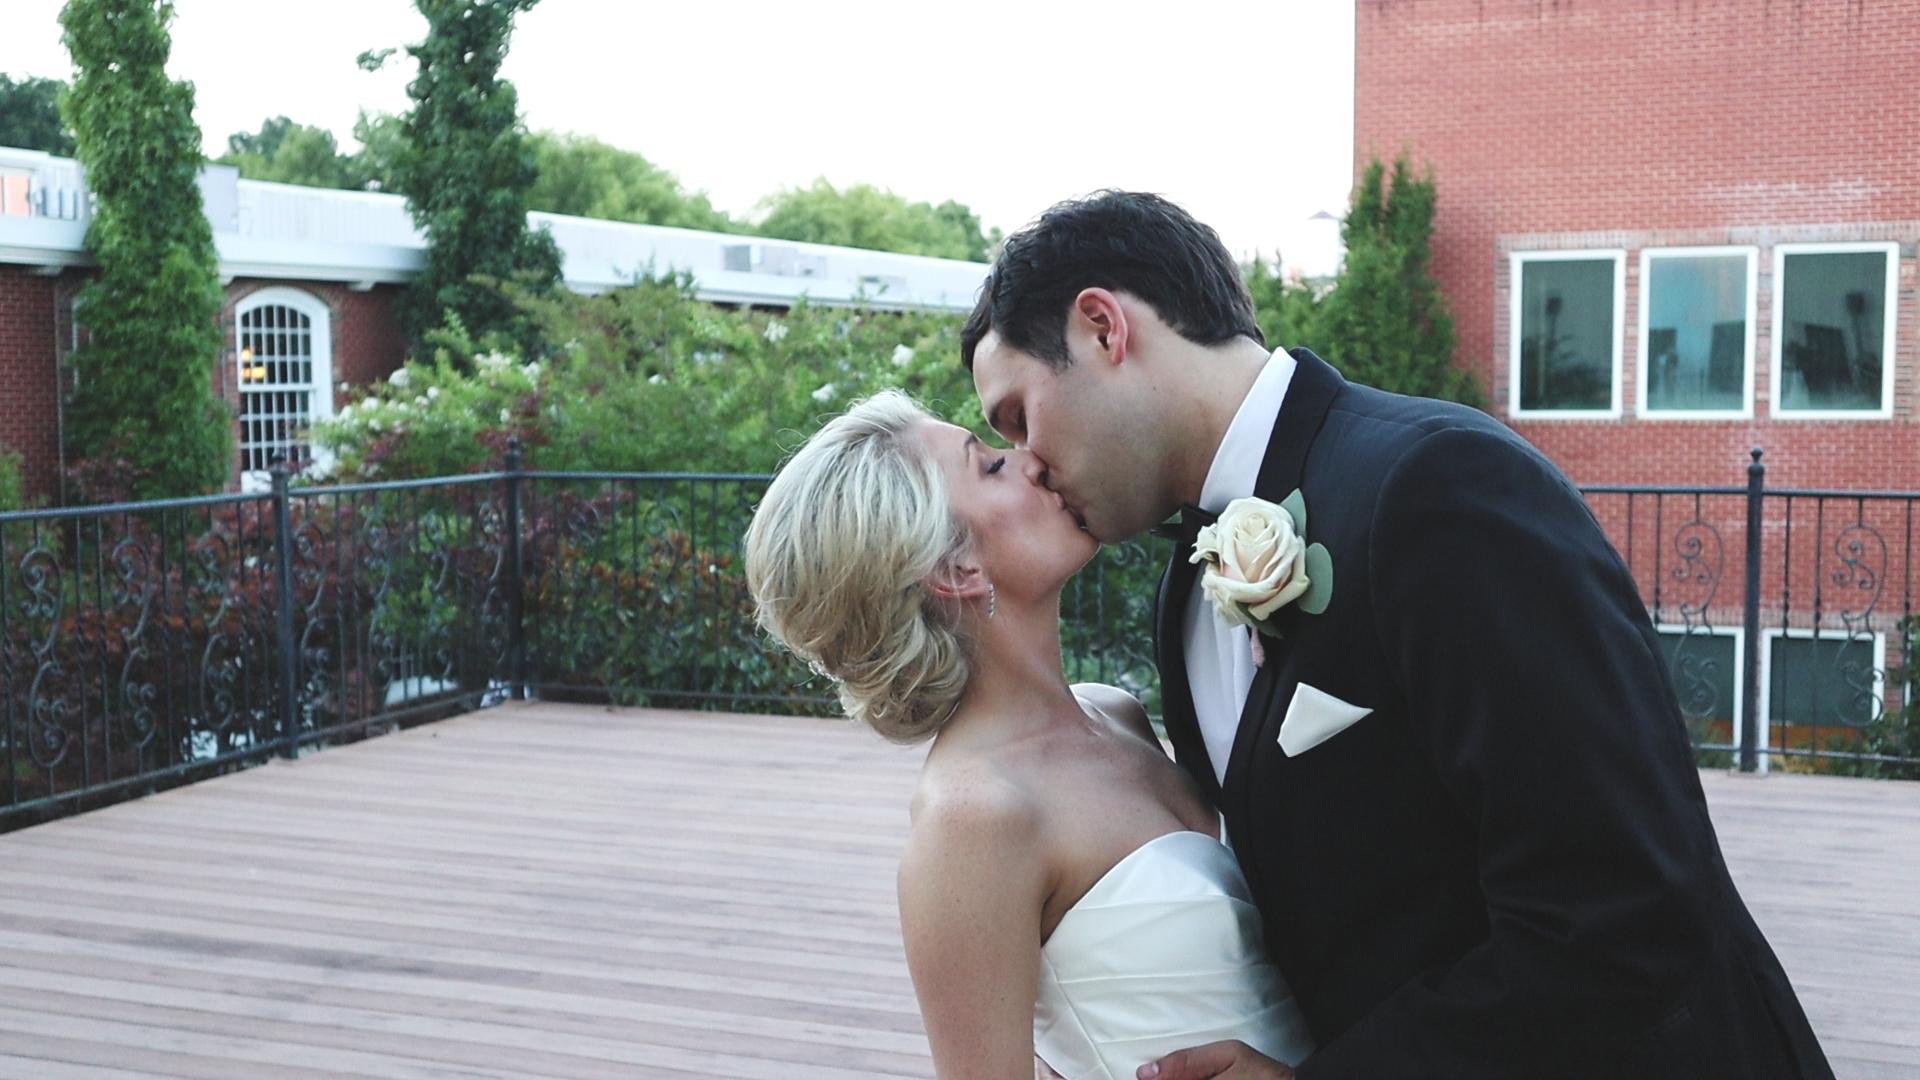 Millisor+Wedding+HIGHLIGHT.00_05_20_05.Still001.png